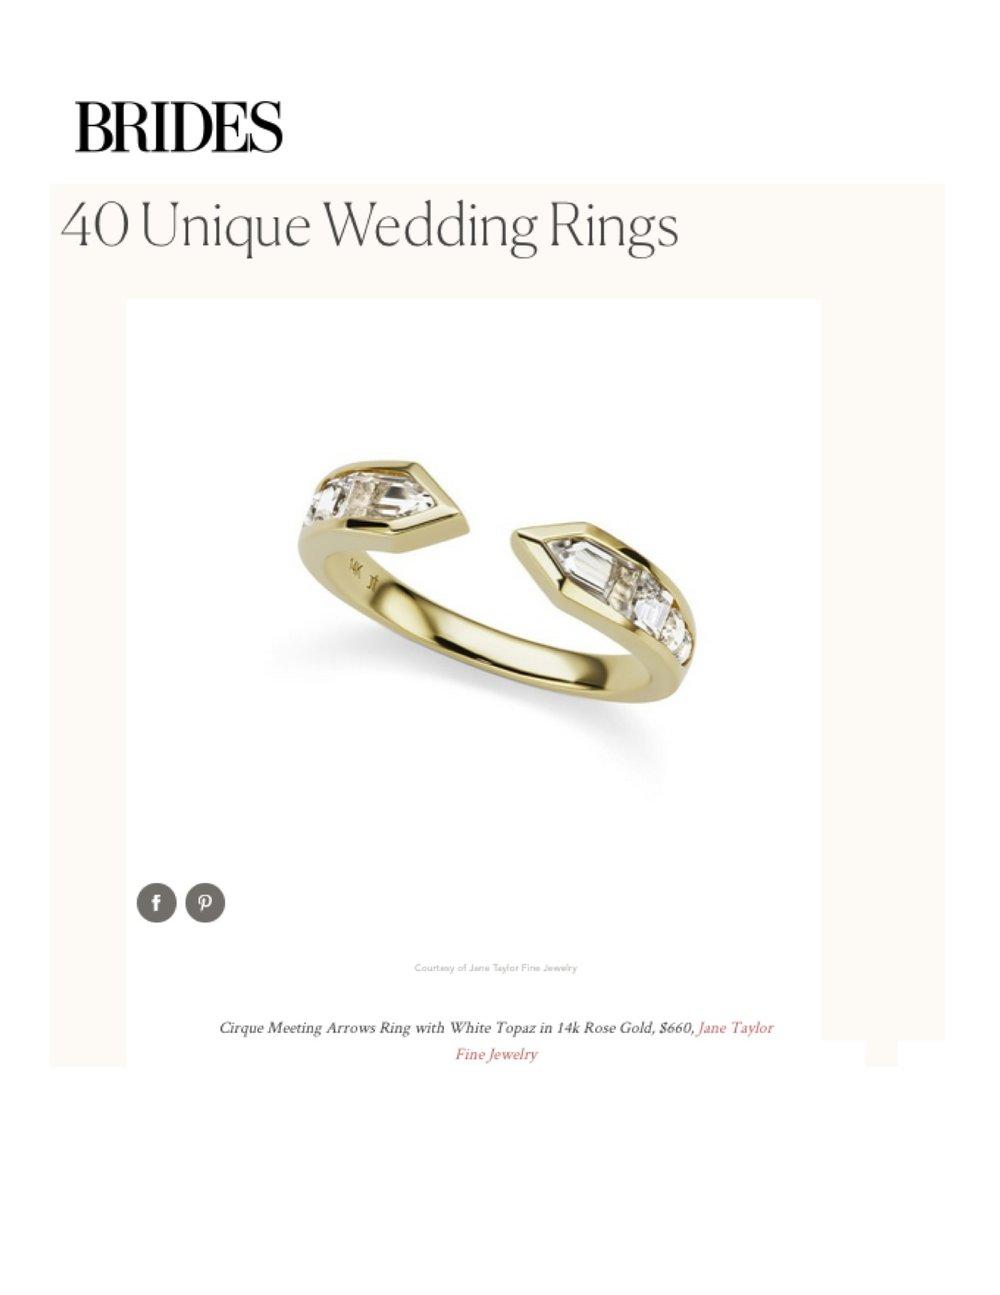 2017-6.26-Brides.com2.jpg